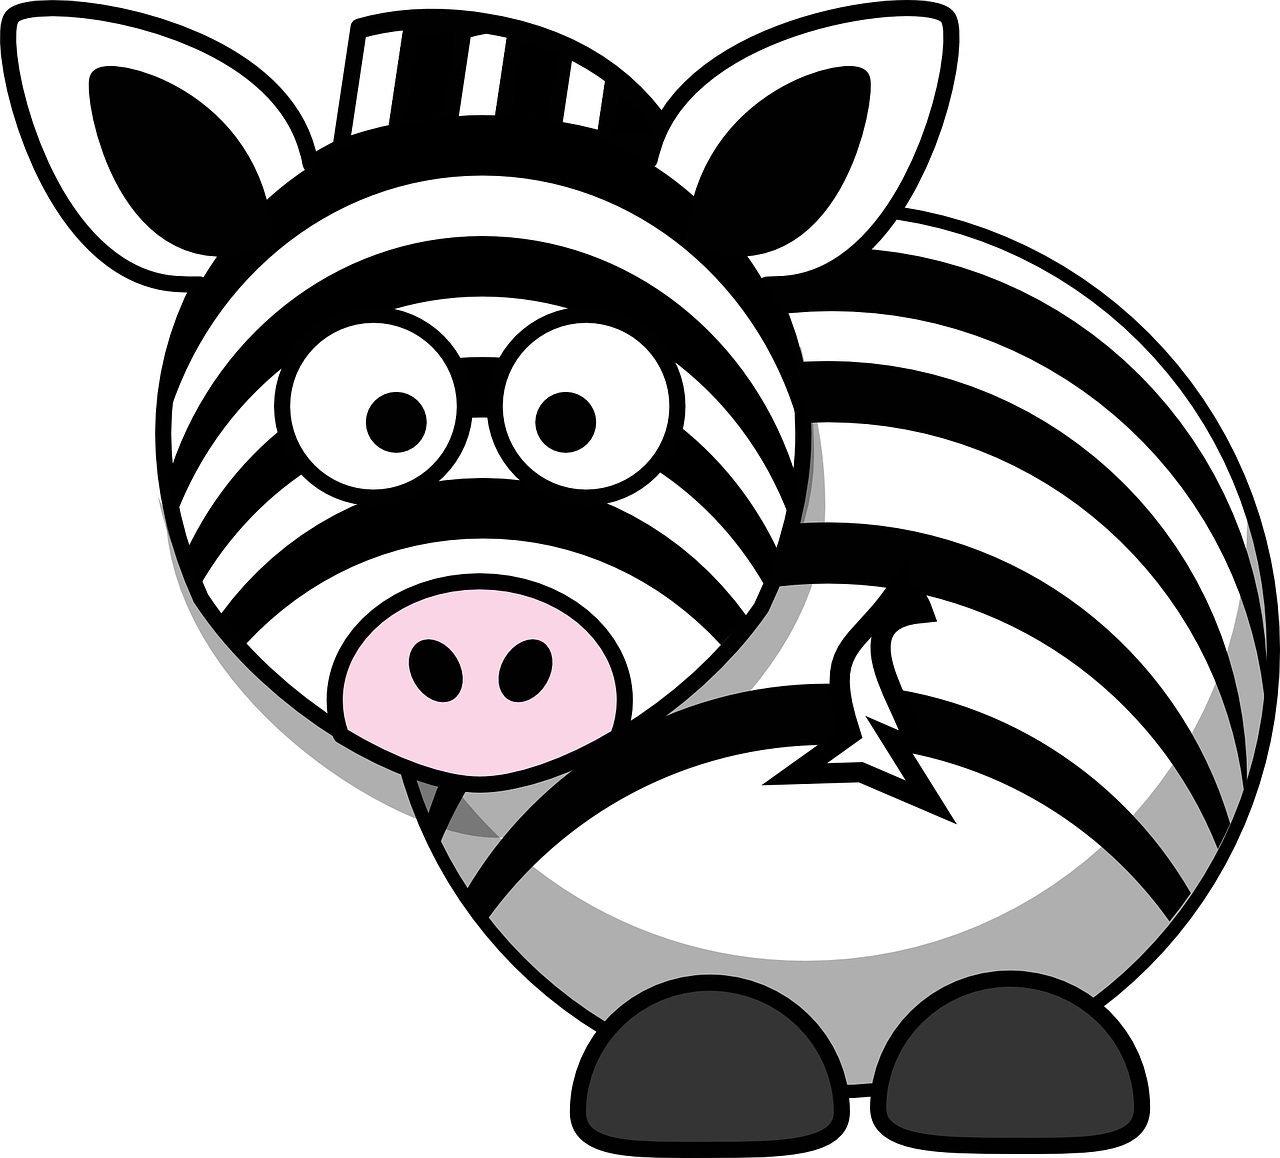 Zebra wierszyk dla dzieci. Wiersze i piosenki o zwierzętach